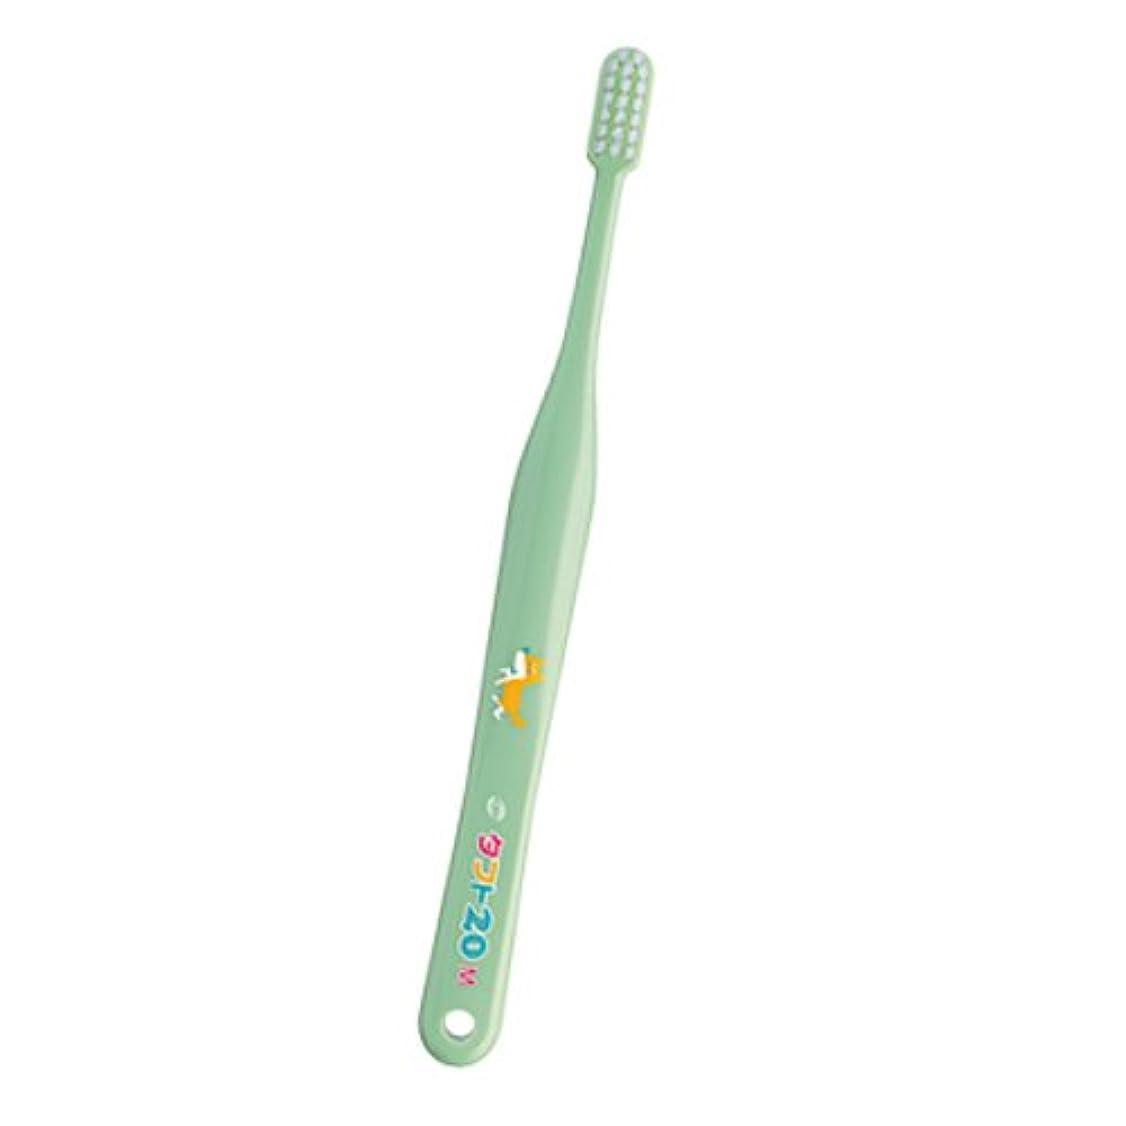 招待スペシャリスト最も遠いオーラルケア タフト 20 歯ブラシ ミディアム 1本 グリーン M